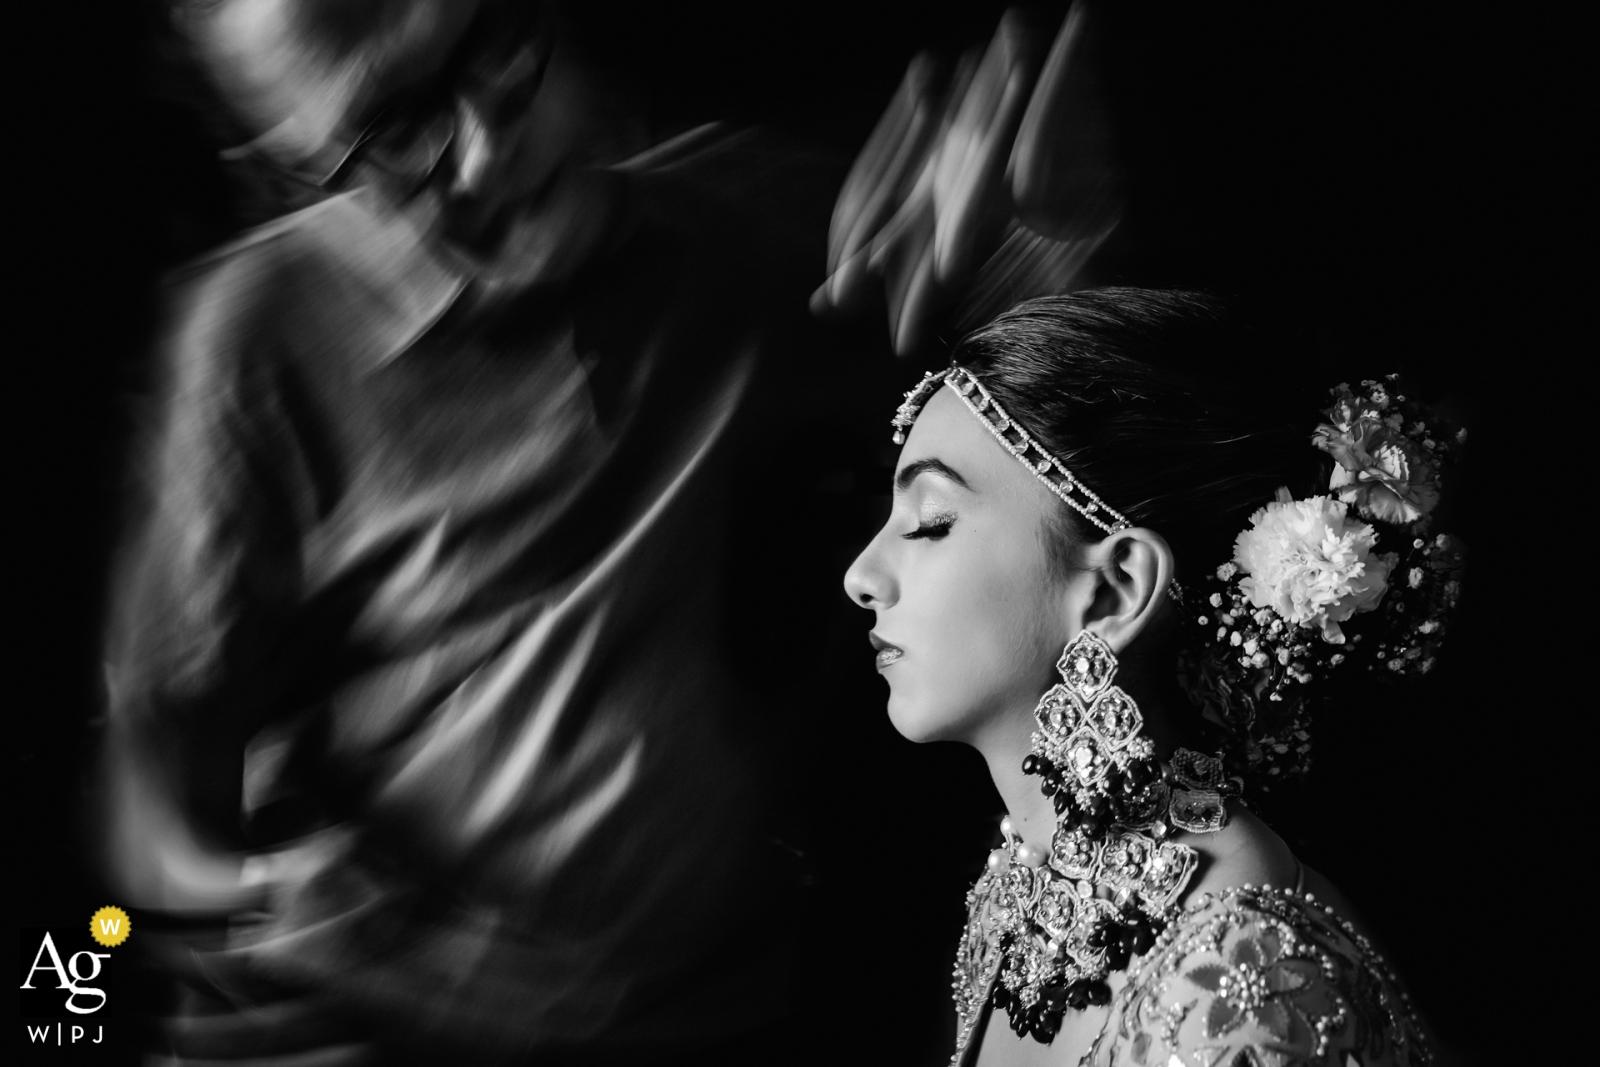 William Lambelet ist ein künstlerischer Hochzeitsfotograf für